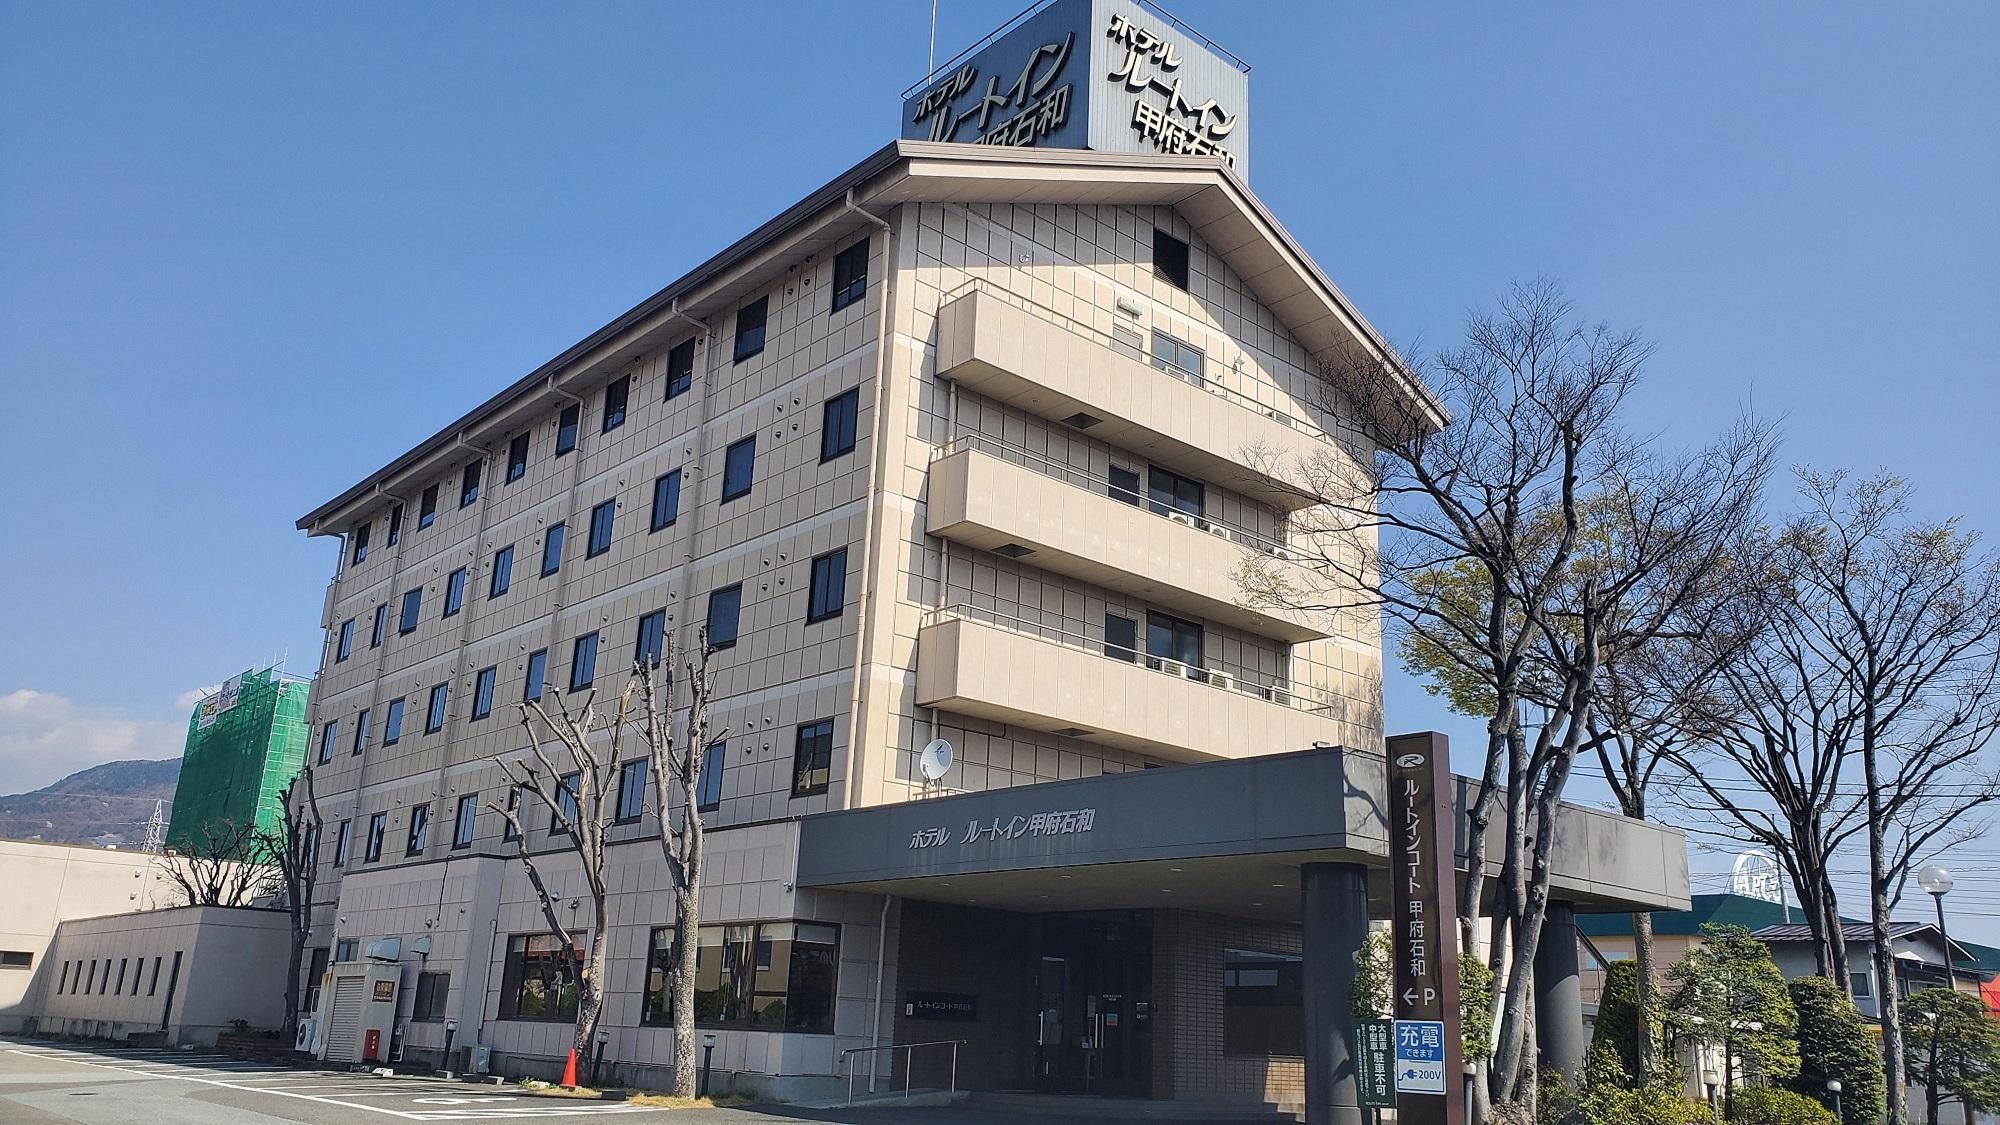 ホテルルートインコート甲府石和(旧 ホテルルートイン甲府石和)